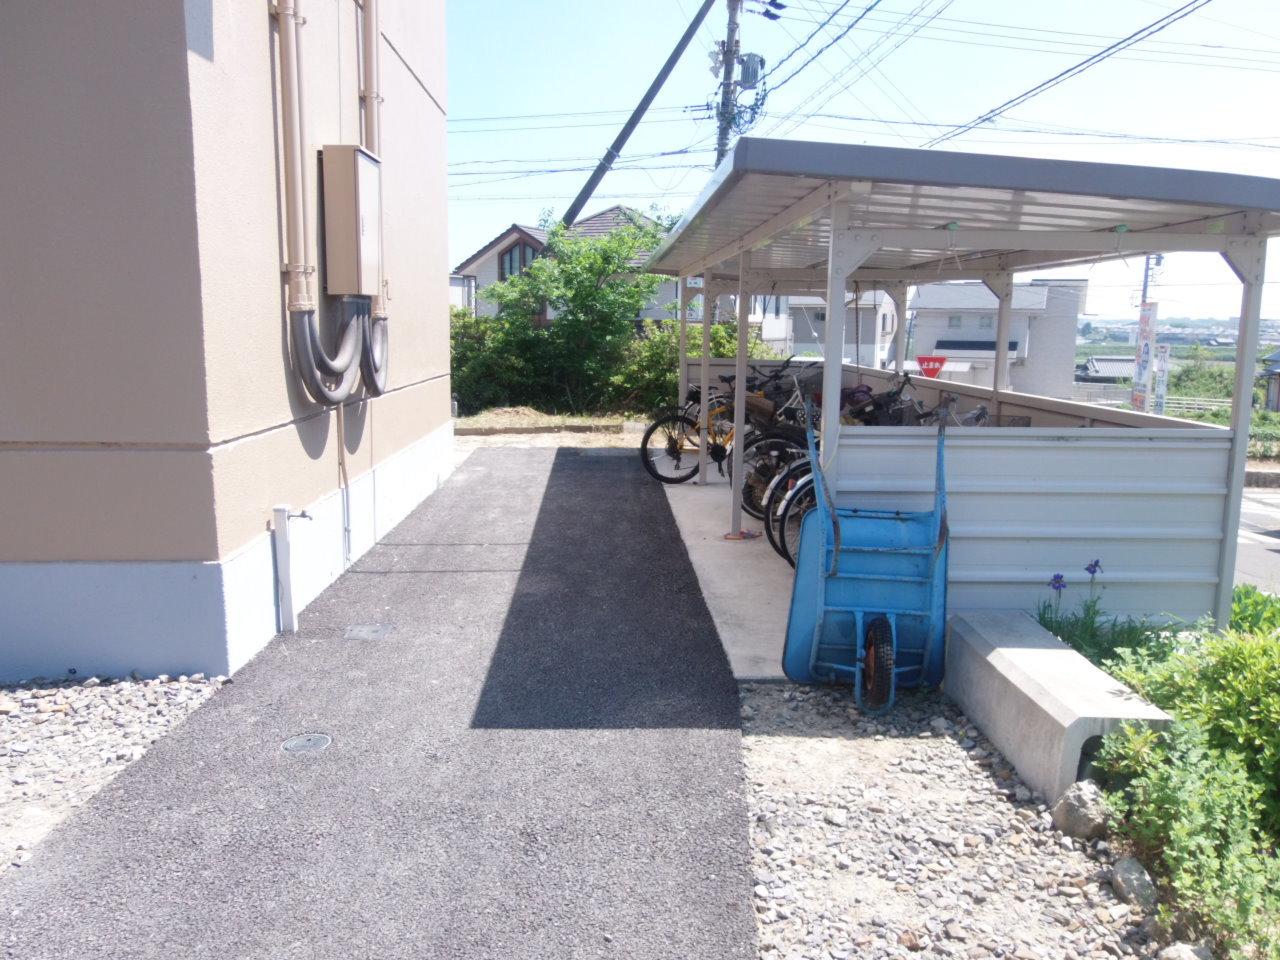 屋根付き駐輪場があるので、自転車も安心して保管できます